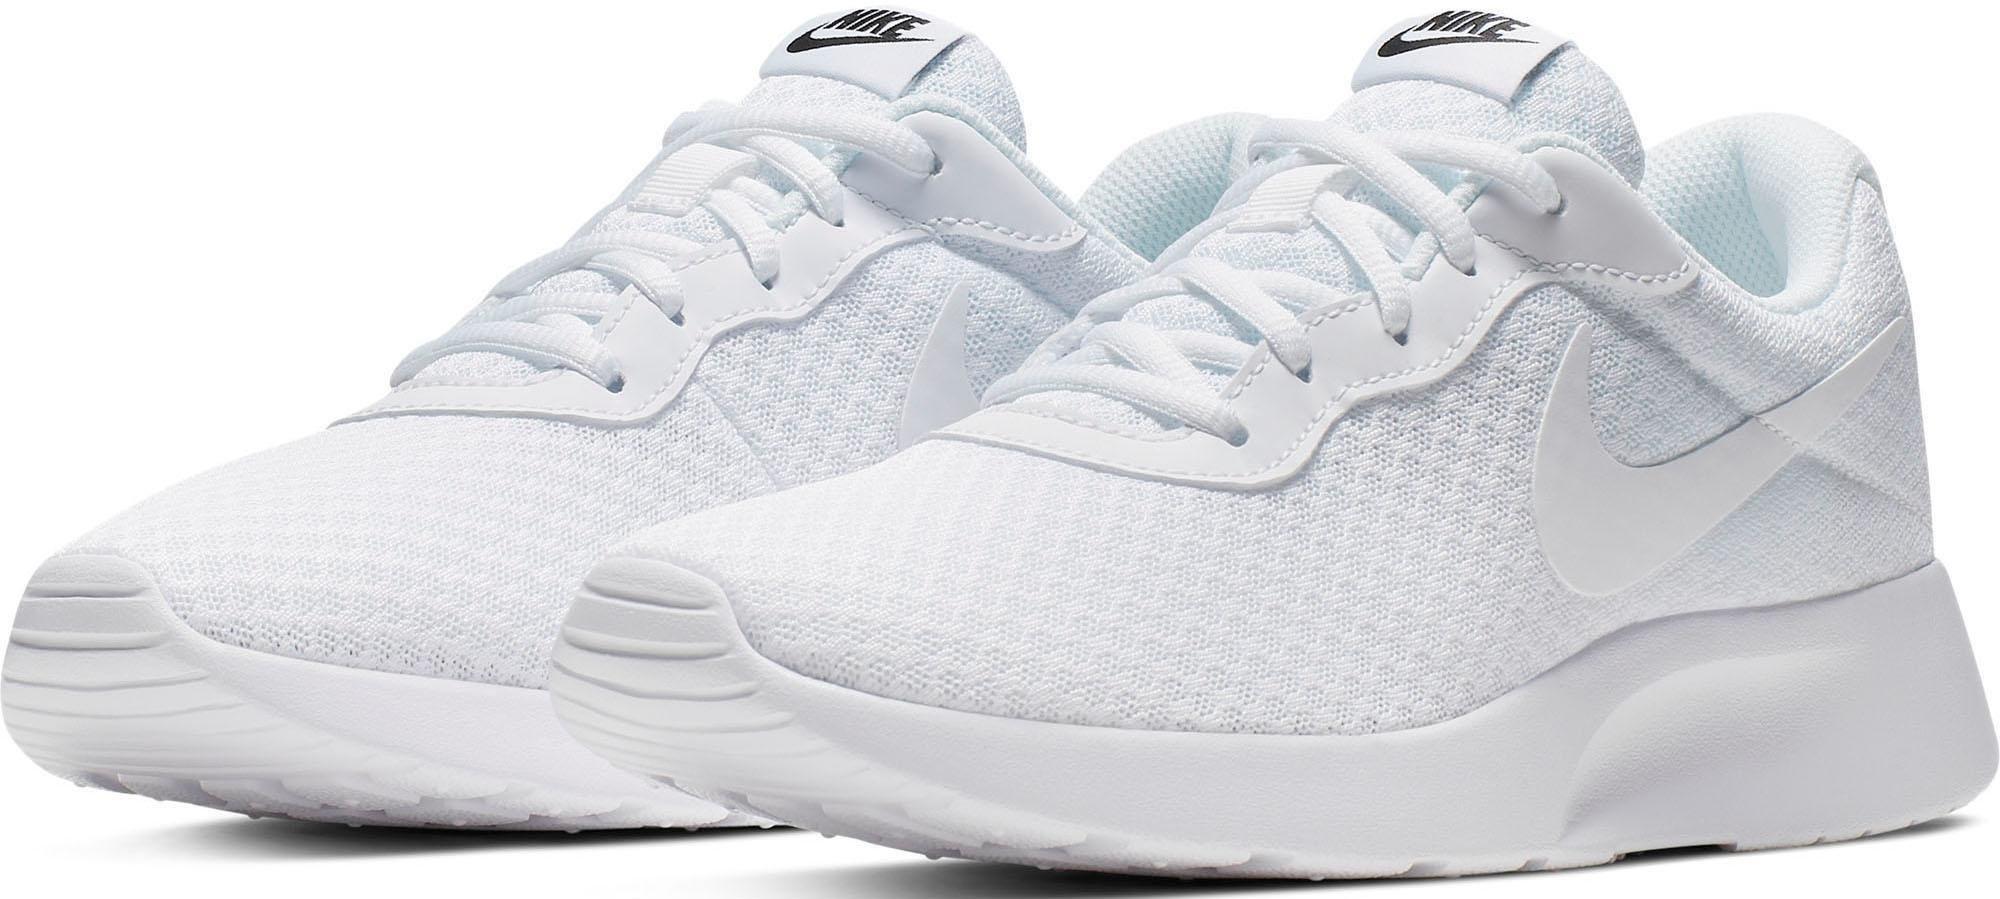 Nike Sportswear sneakers Tanjun Wmns - gratis ruilen op otto.nl